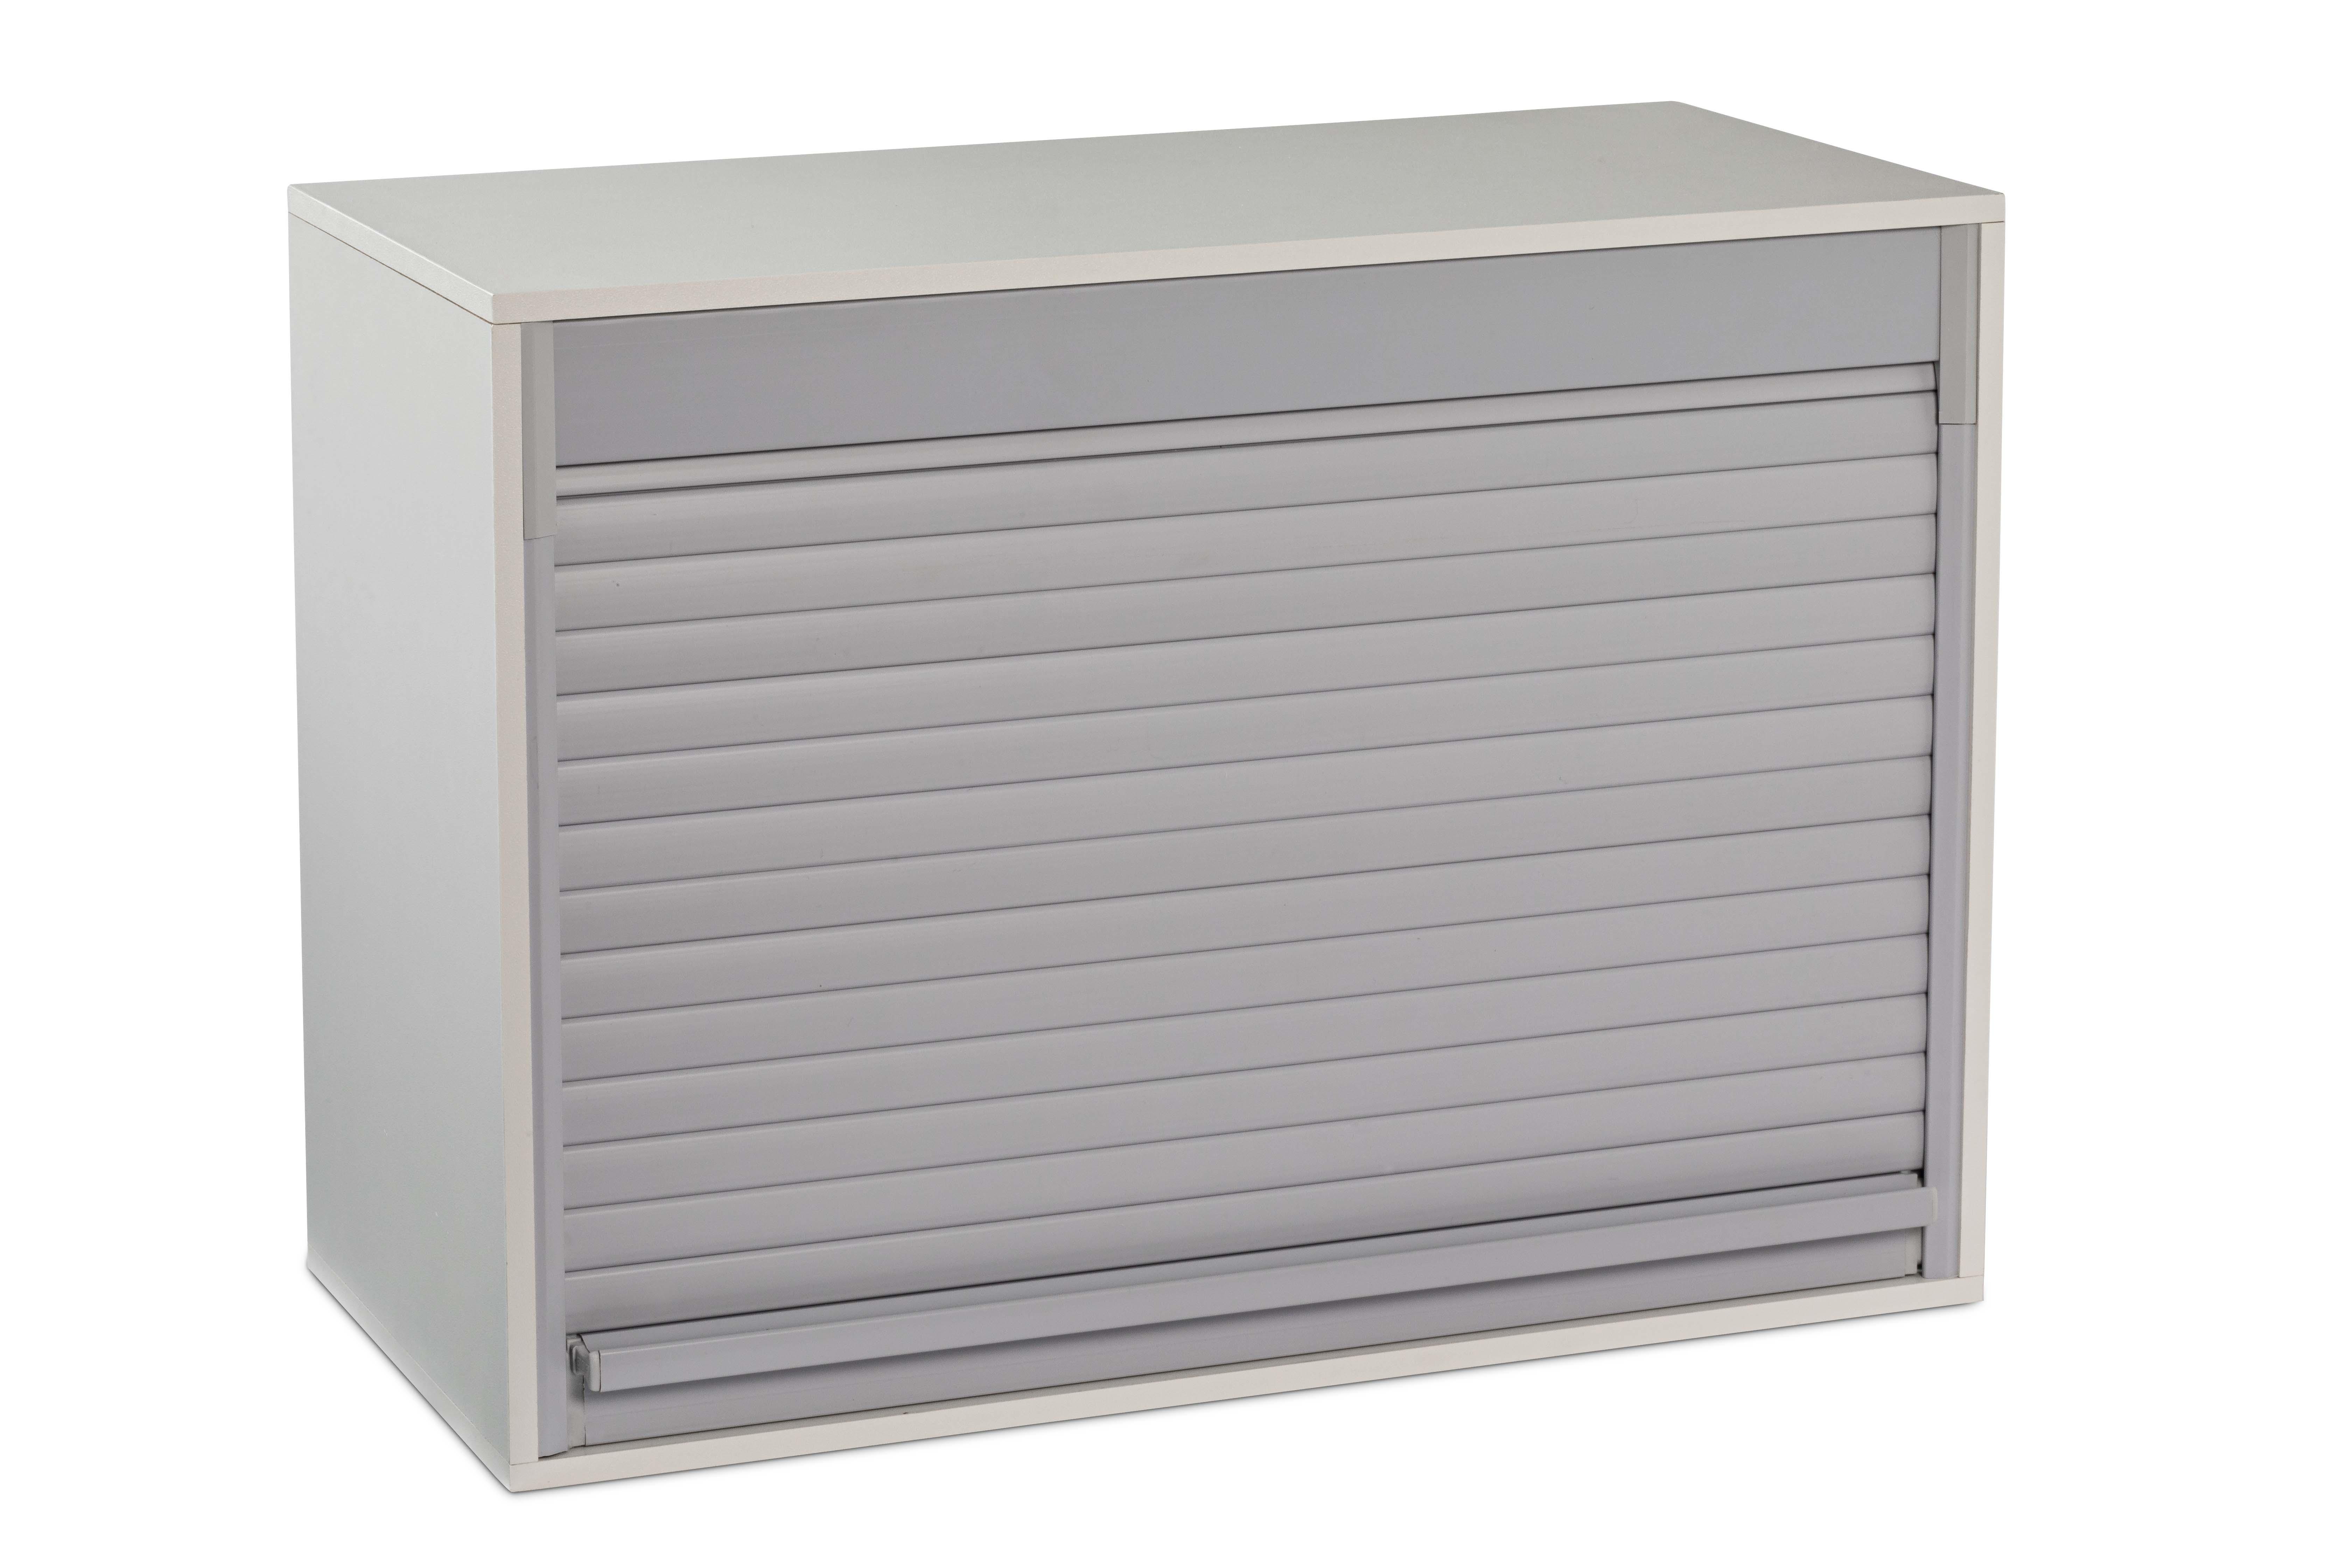 Loc Box 1